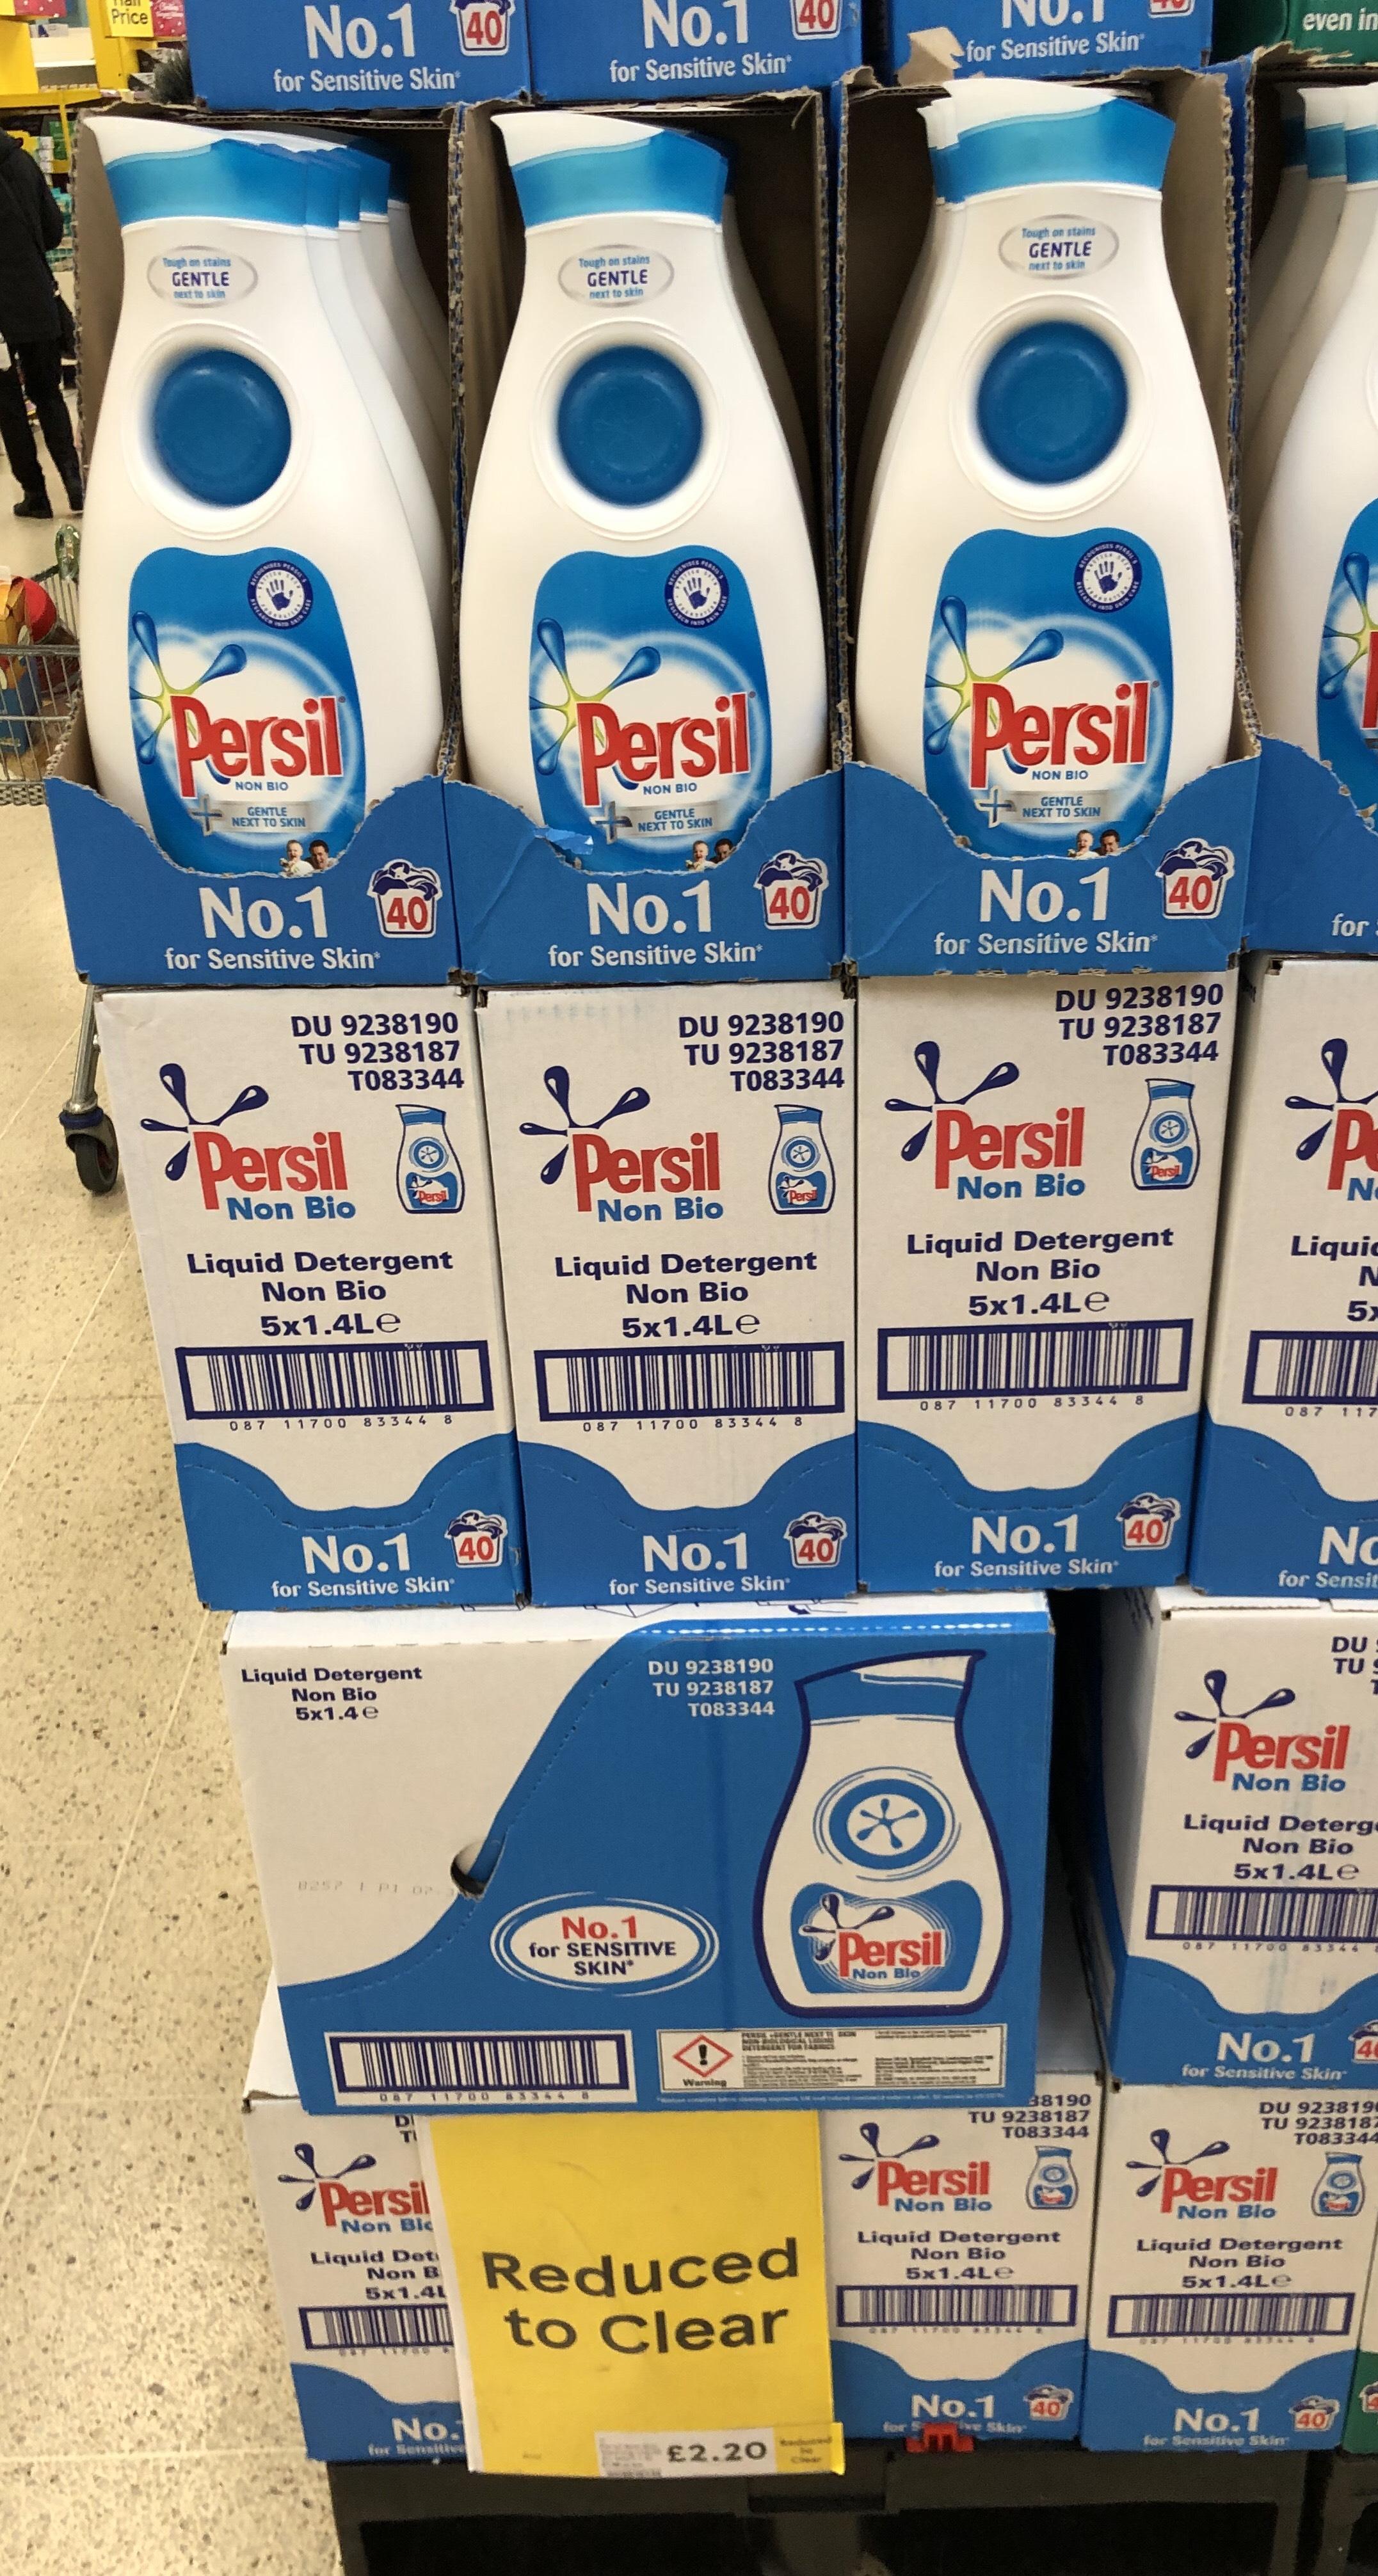 Persil Liquid Detergent Bio/Non Bio 1.4L £2.20 @ Tesco instore